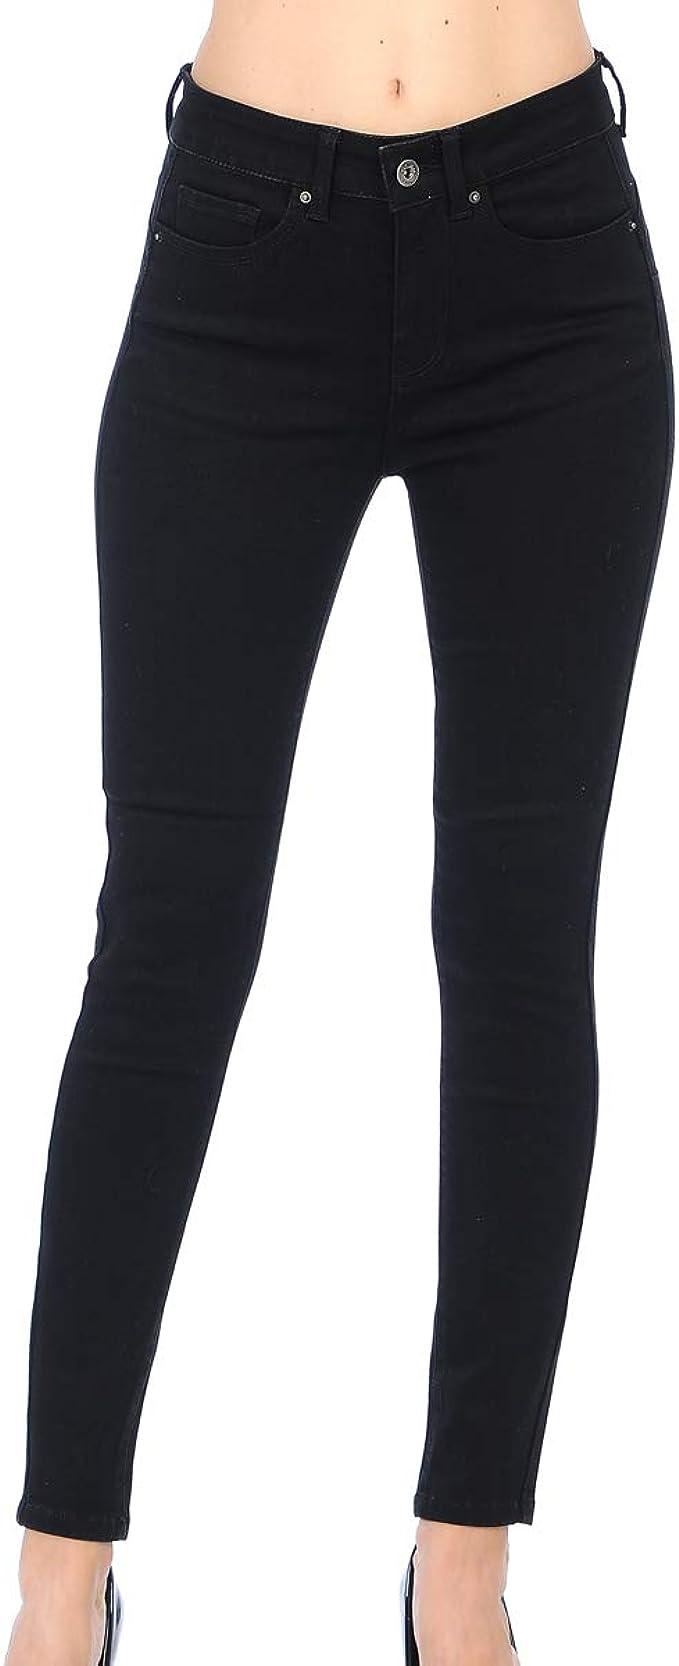 Amazon.com: Wax Jean Denim - Pantalones vaqueros para mujer ...